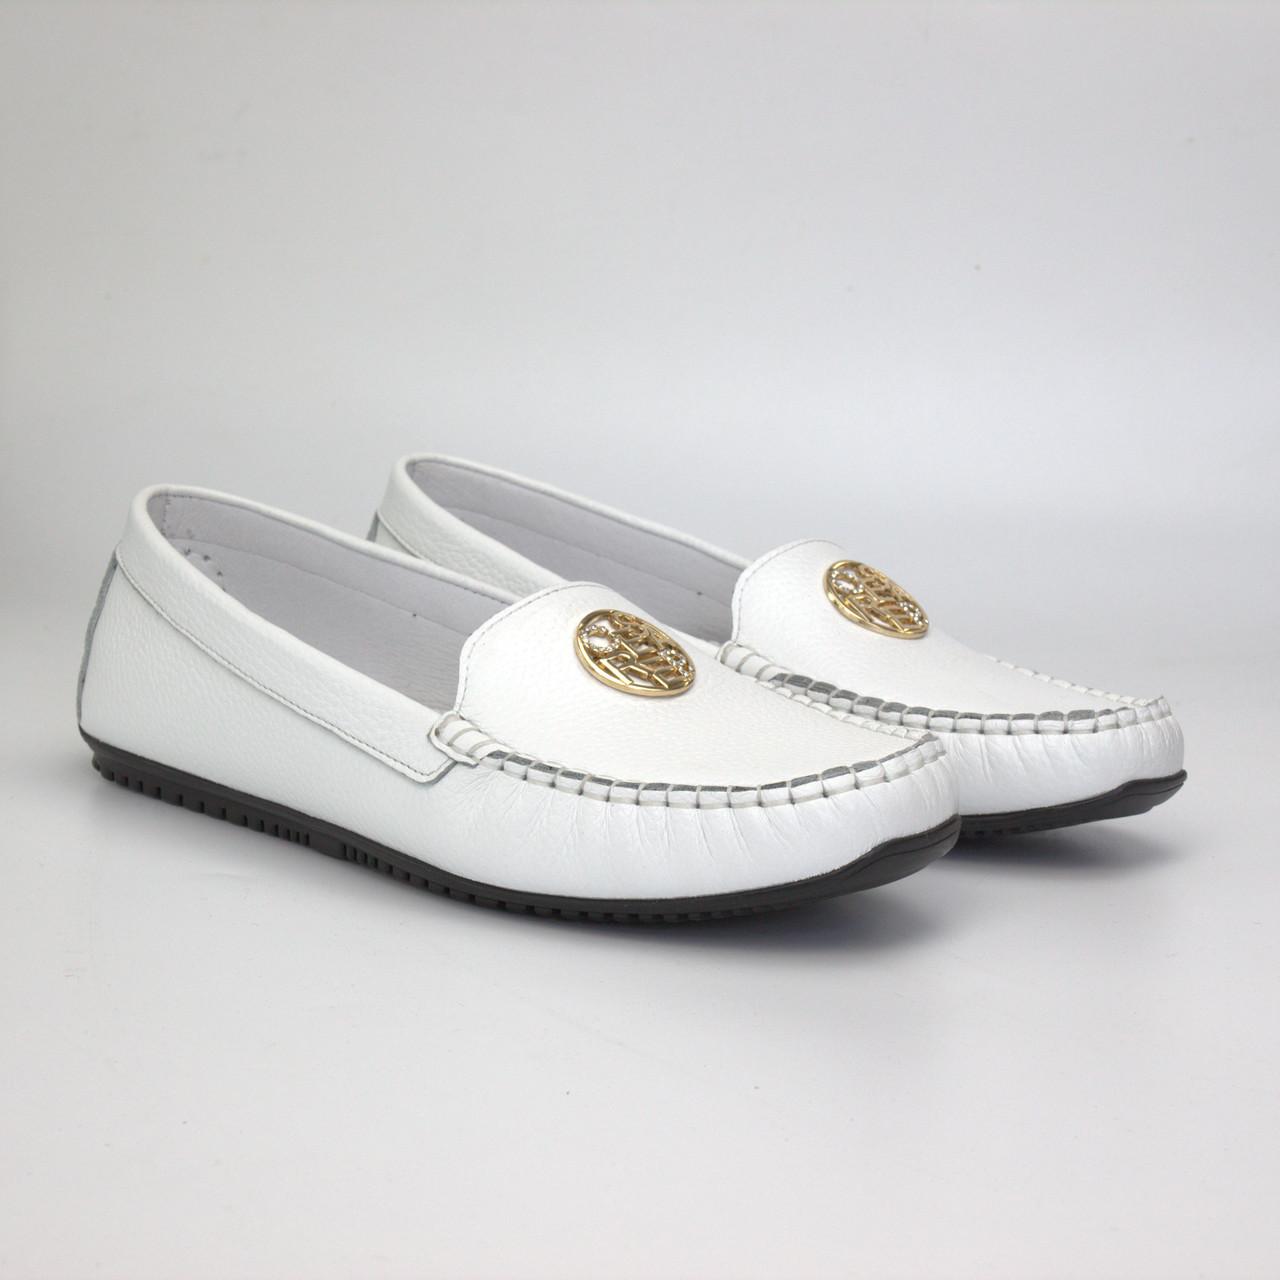 Жіночі мокасини білі шкіра літнє взуття великих розмірів Ornella White Floto by Rosso Avangard BS